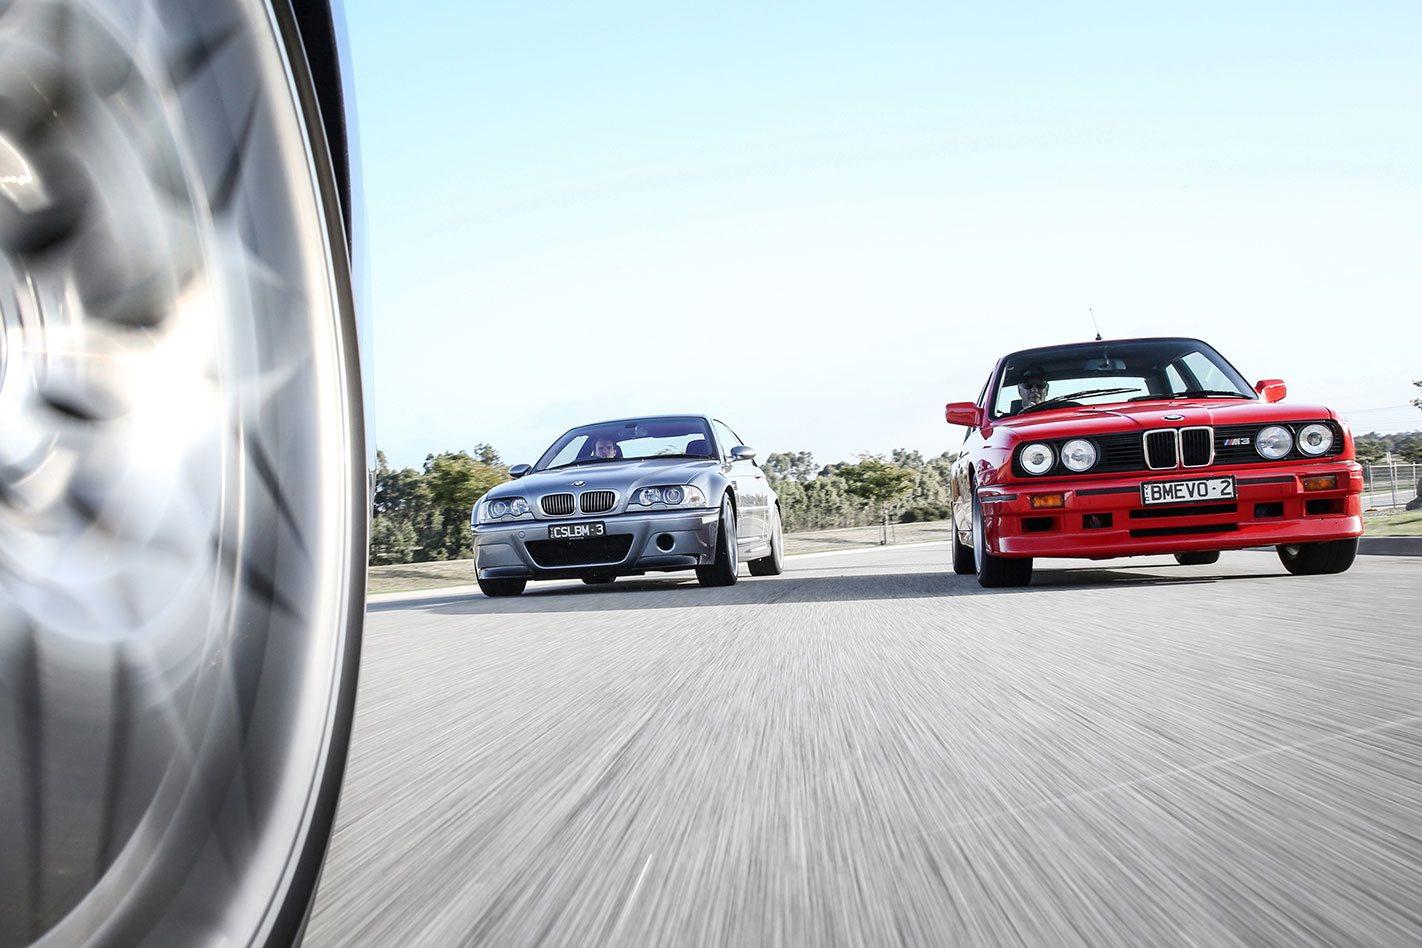 BMW-M3-side-by-side.jpg